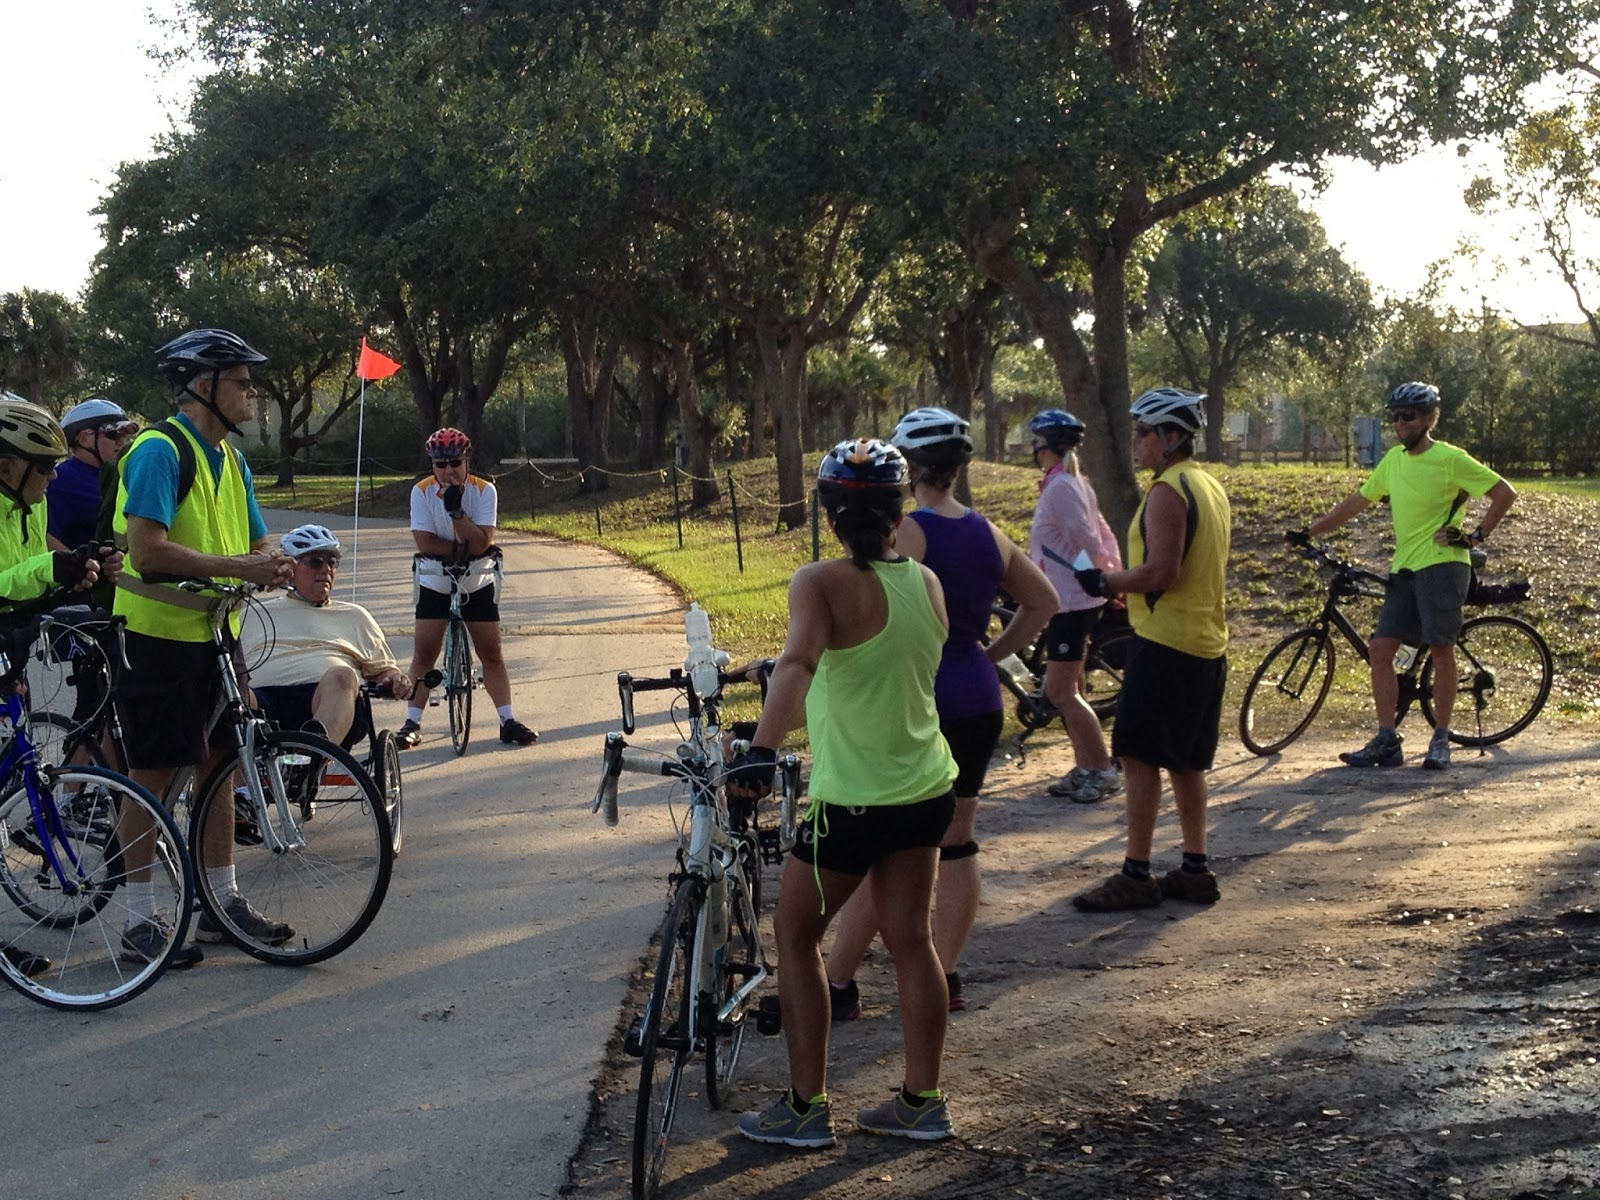 Bikewalklee Blog Second Tour De Parks And Bike Audit For